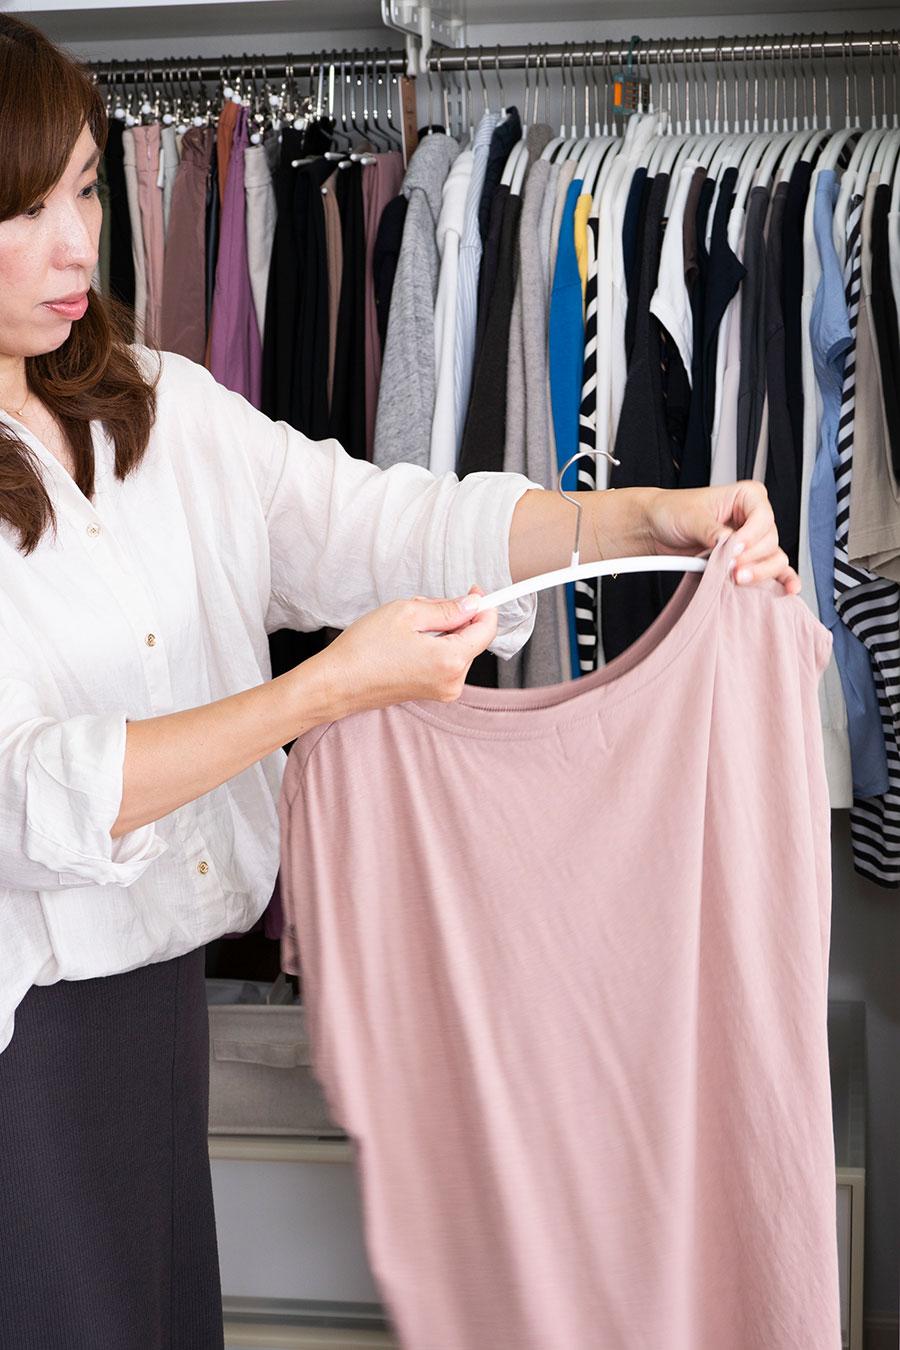 ニットなどをかけても肩がきれいに収まり、服の型が保たれるマワハンガーがお気に入り。ベランダのもの干しでもクローゼットでも活躍。